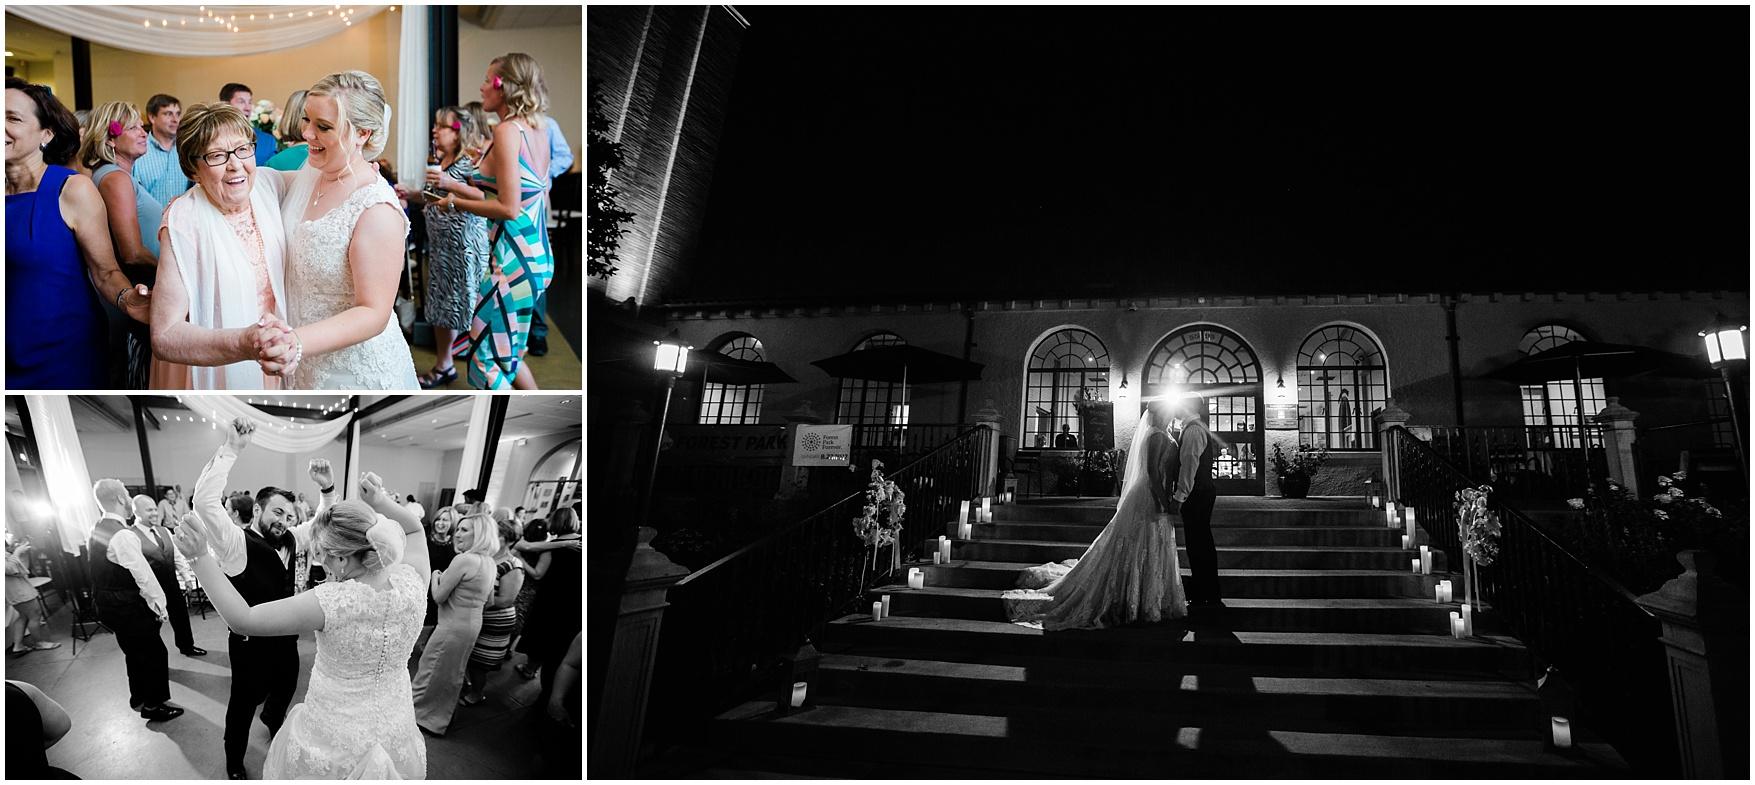 wedding photography st louis_lauren muckler photography_film photographer_film wedding_0190.jpg